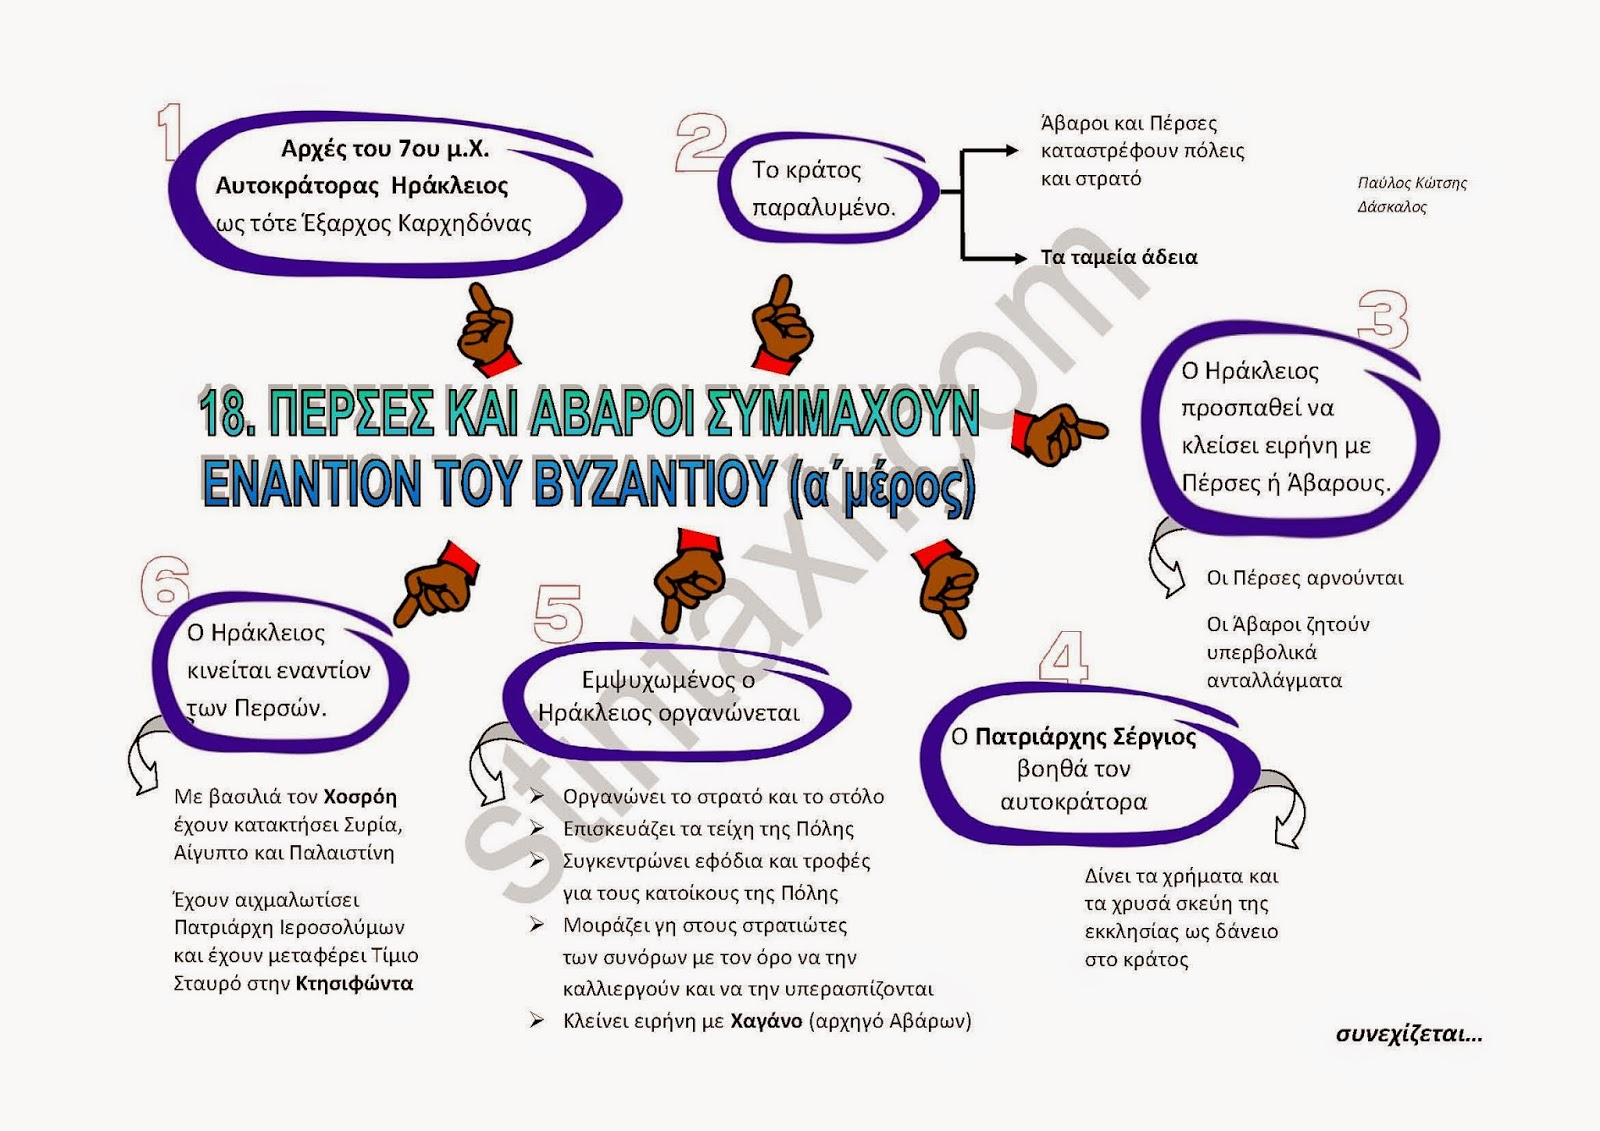 http://www.stintaxi.com/uploads/1/3/1/0/13100858/hist-e-18a-v2.pdf